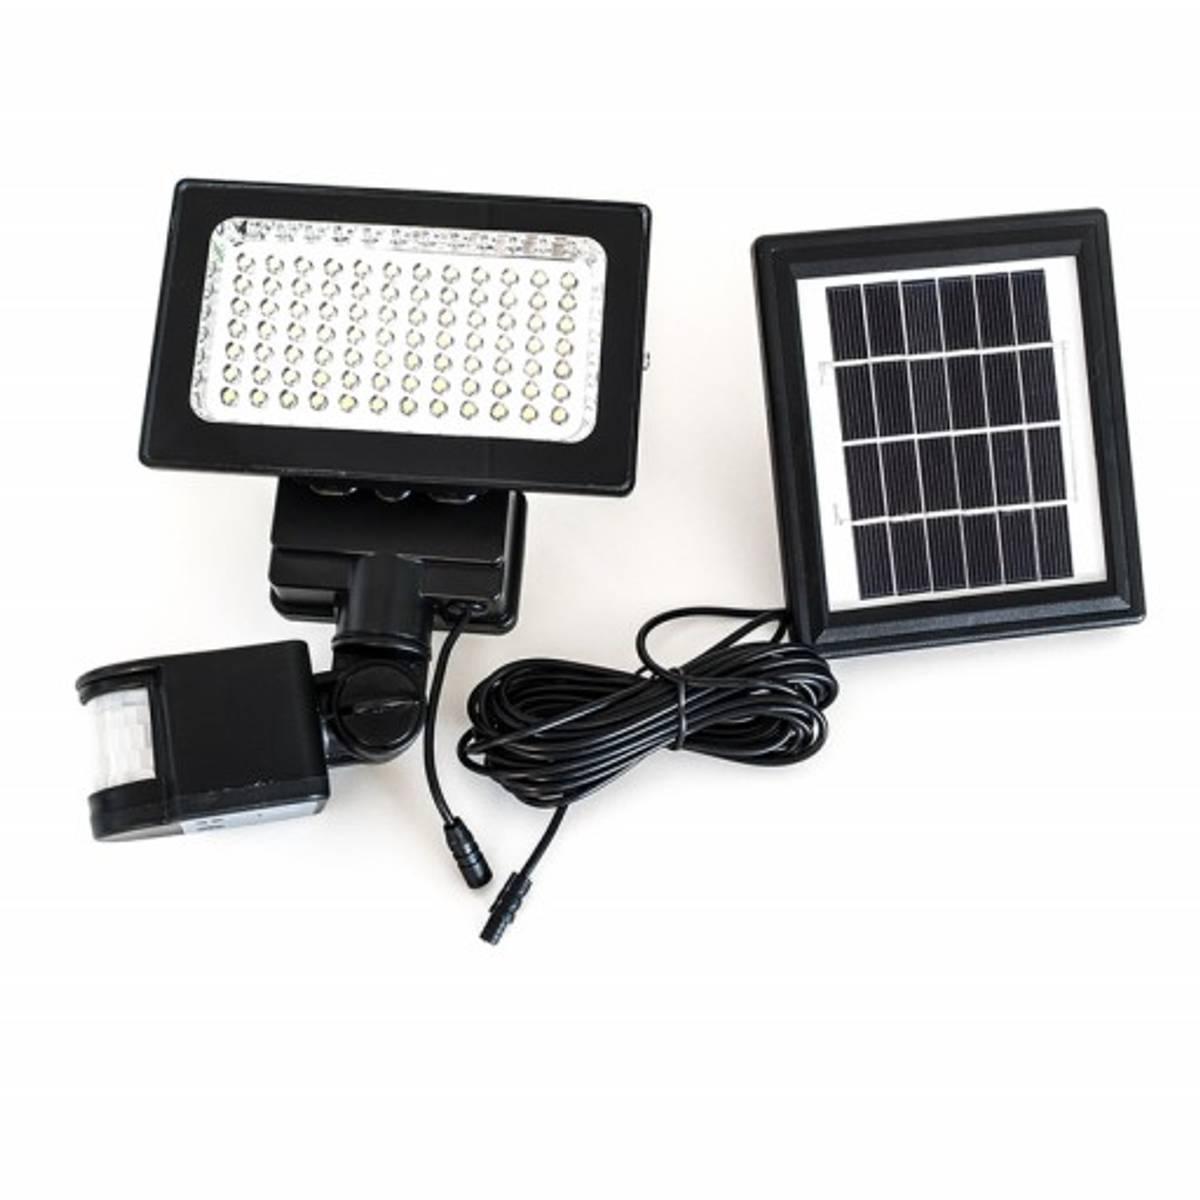 WATTSTUNDE LED Lyskaster med bevegelsessensor